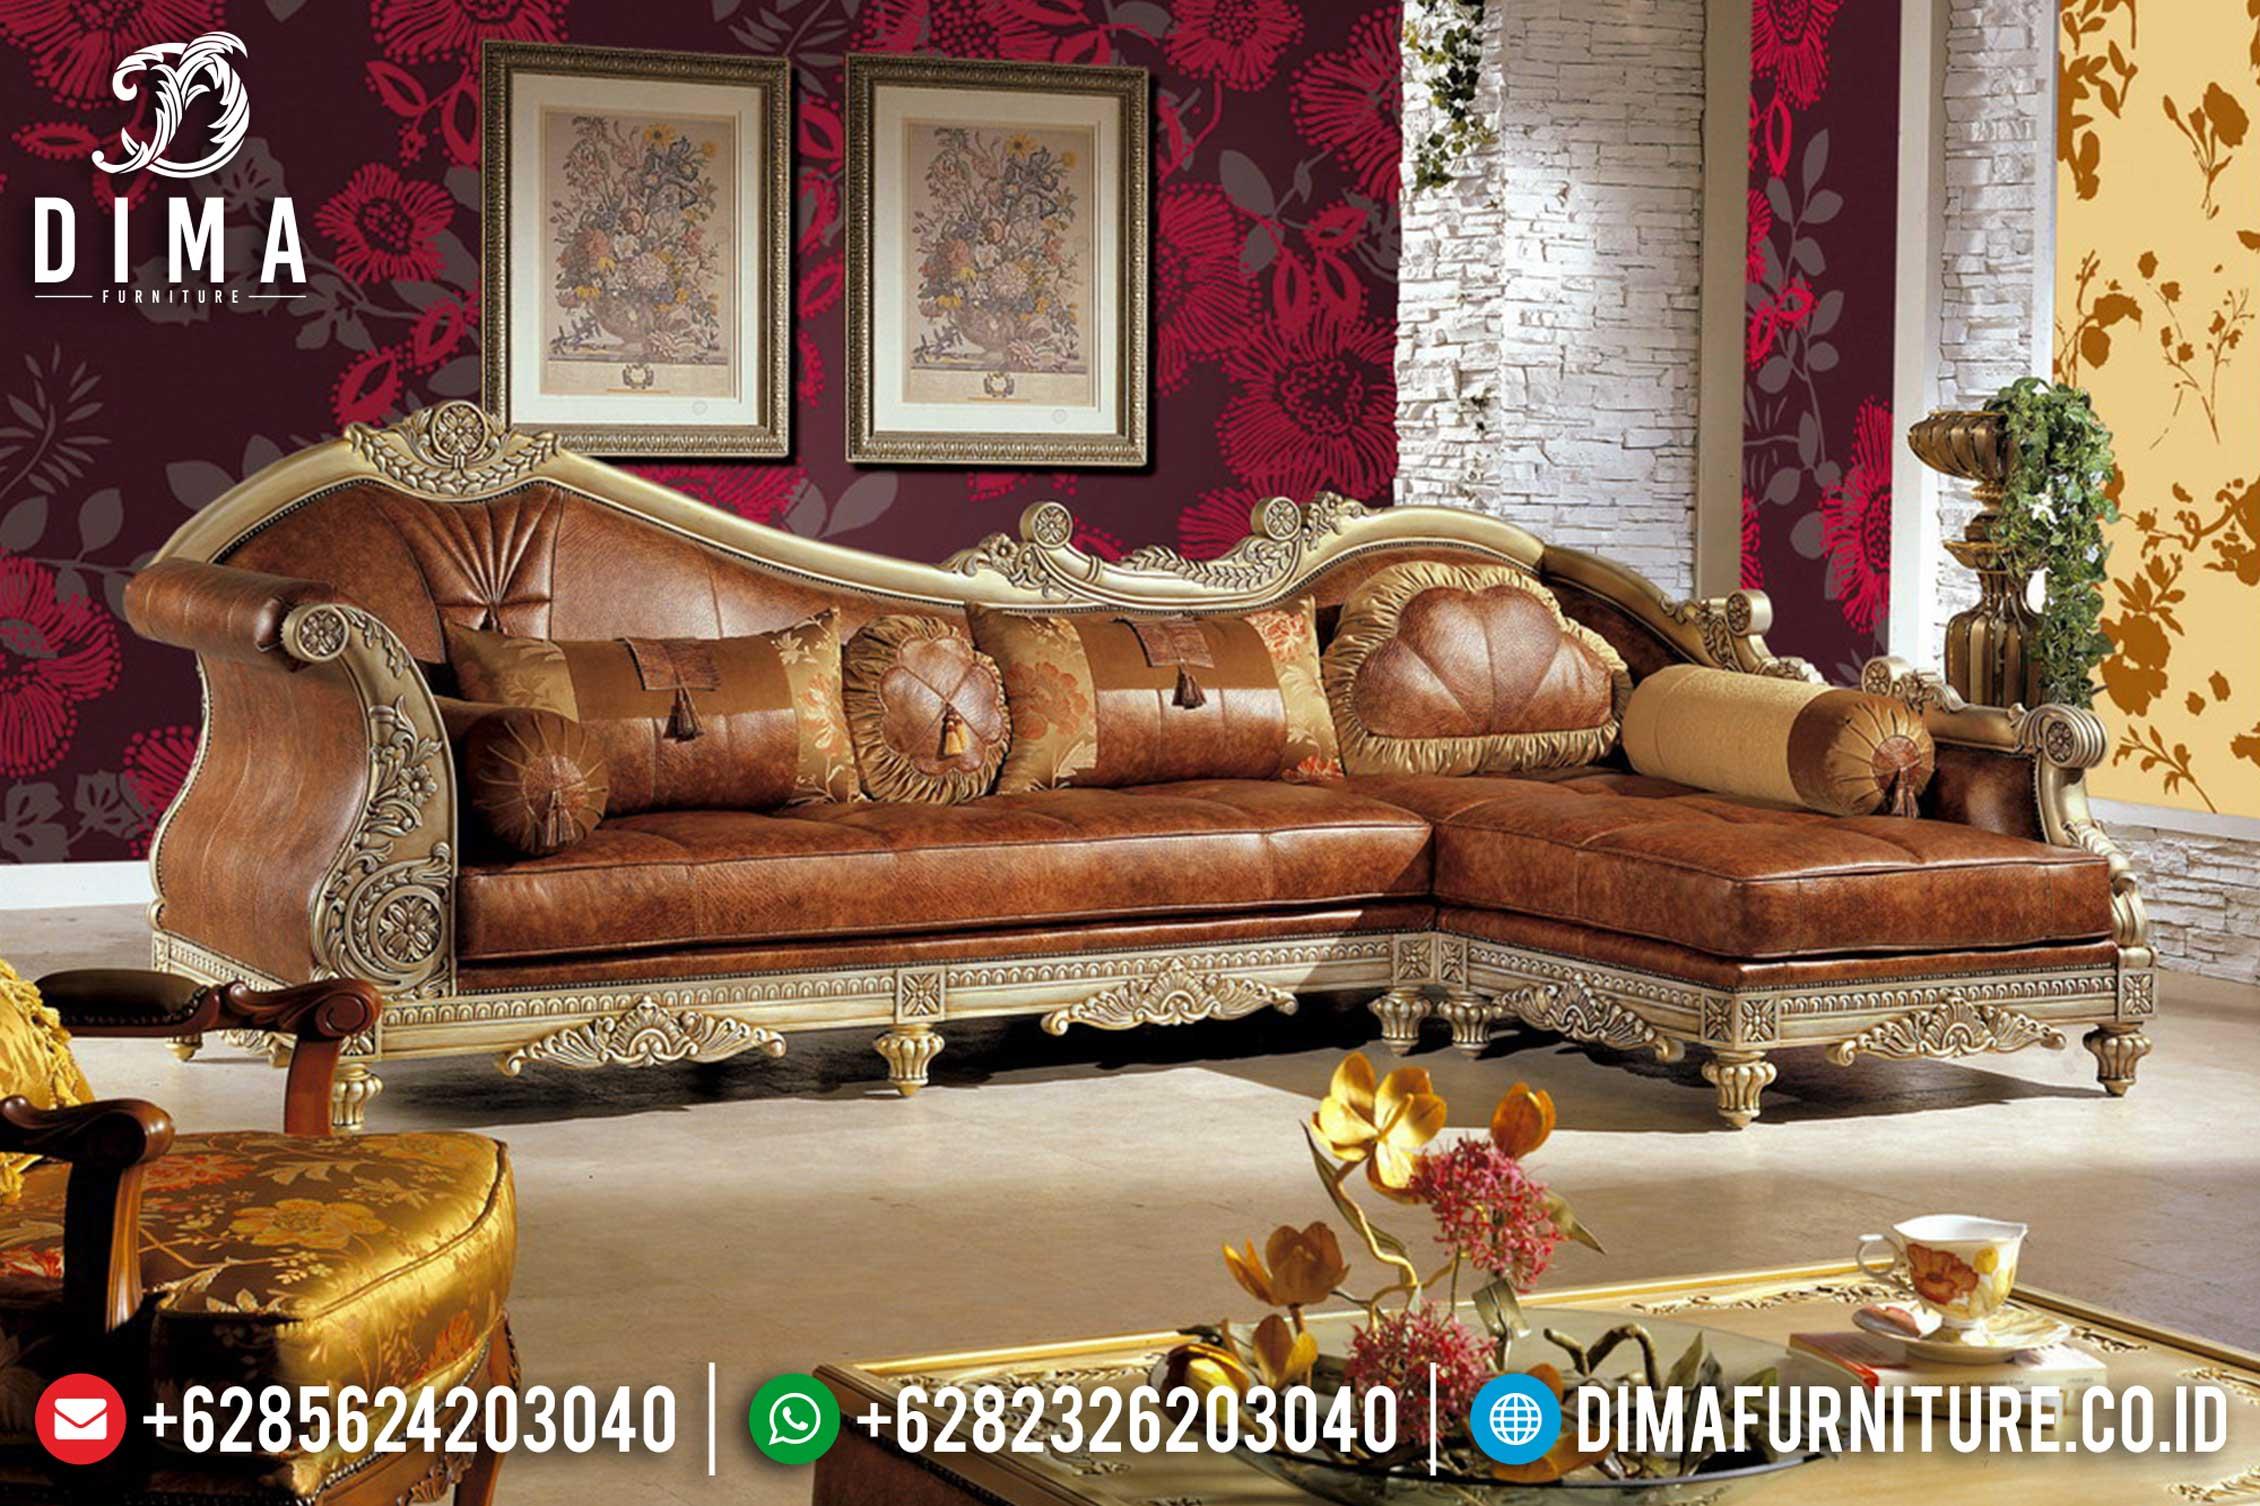 Sofa Tamu Jepara Mewah Minimalis Terbaru 15 Dima Furniture Jepara